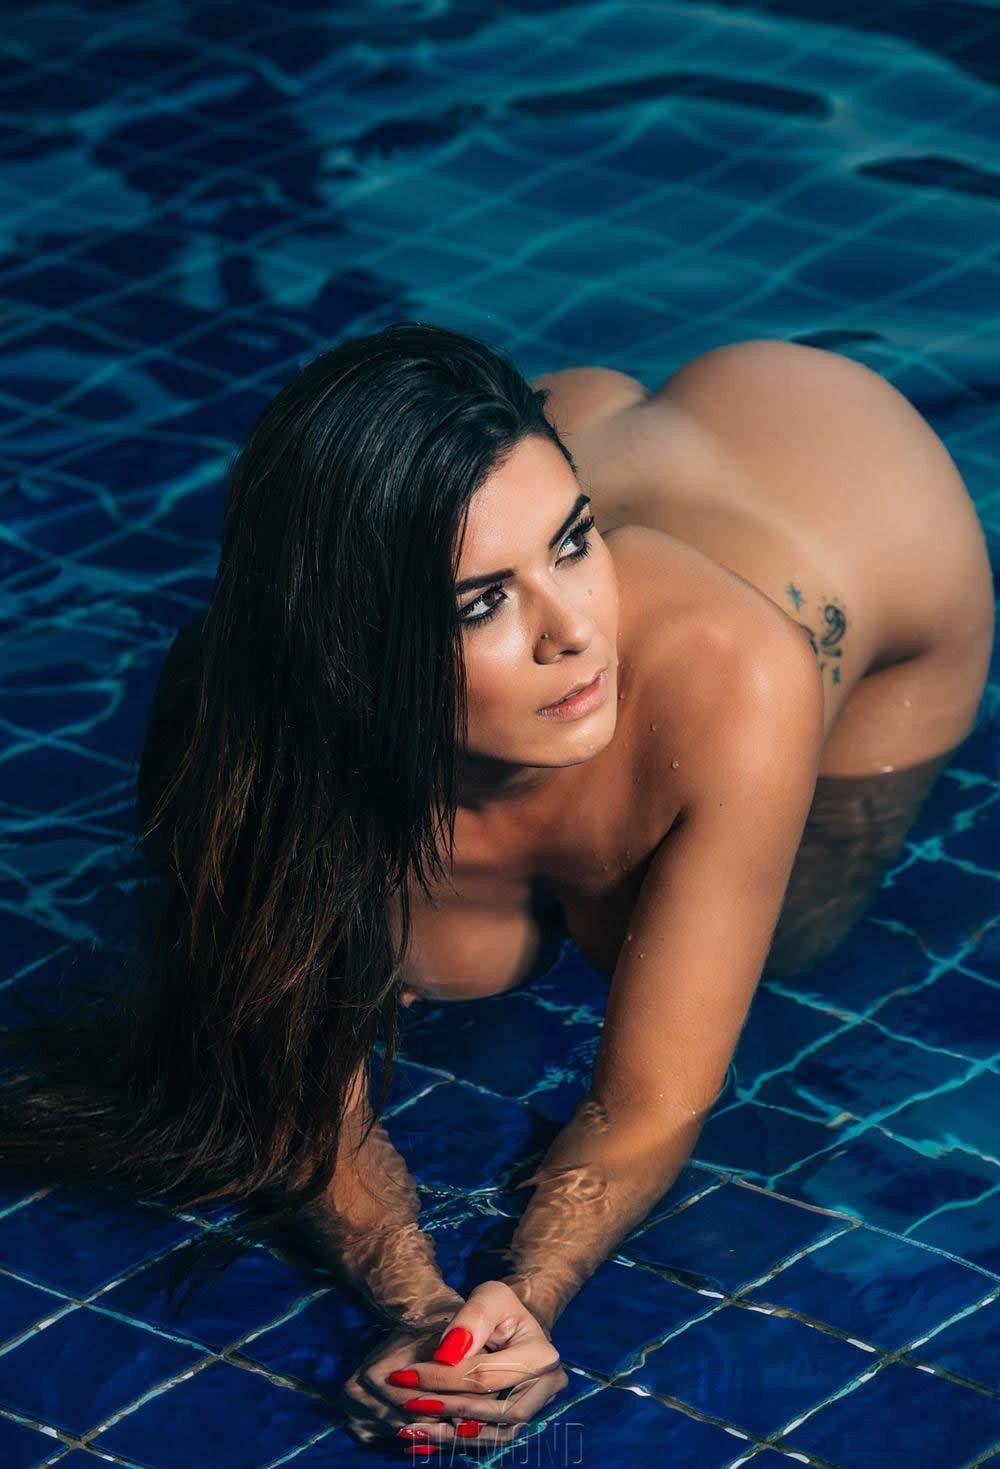 brazil-nudist-girl